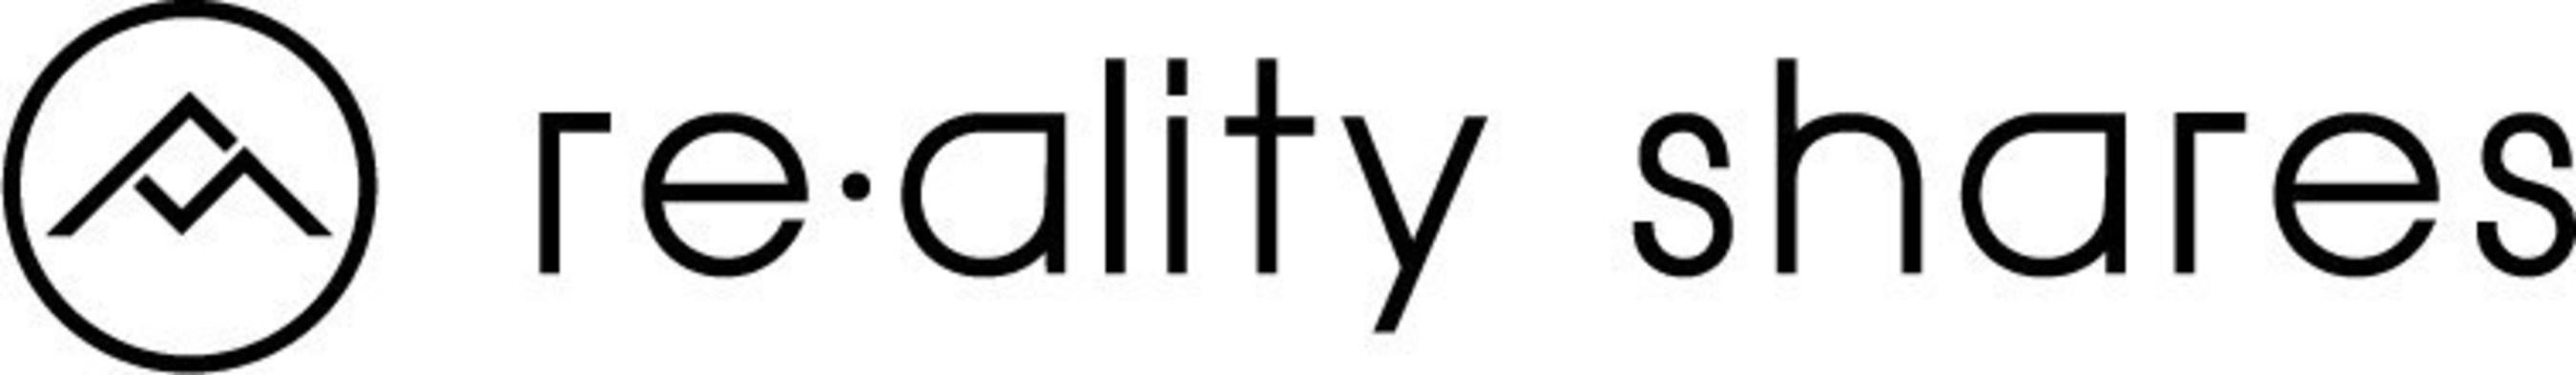 Reality Shares, Inc. logo (PRNewsFoto/Reality Shares, Inc.)